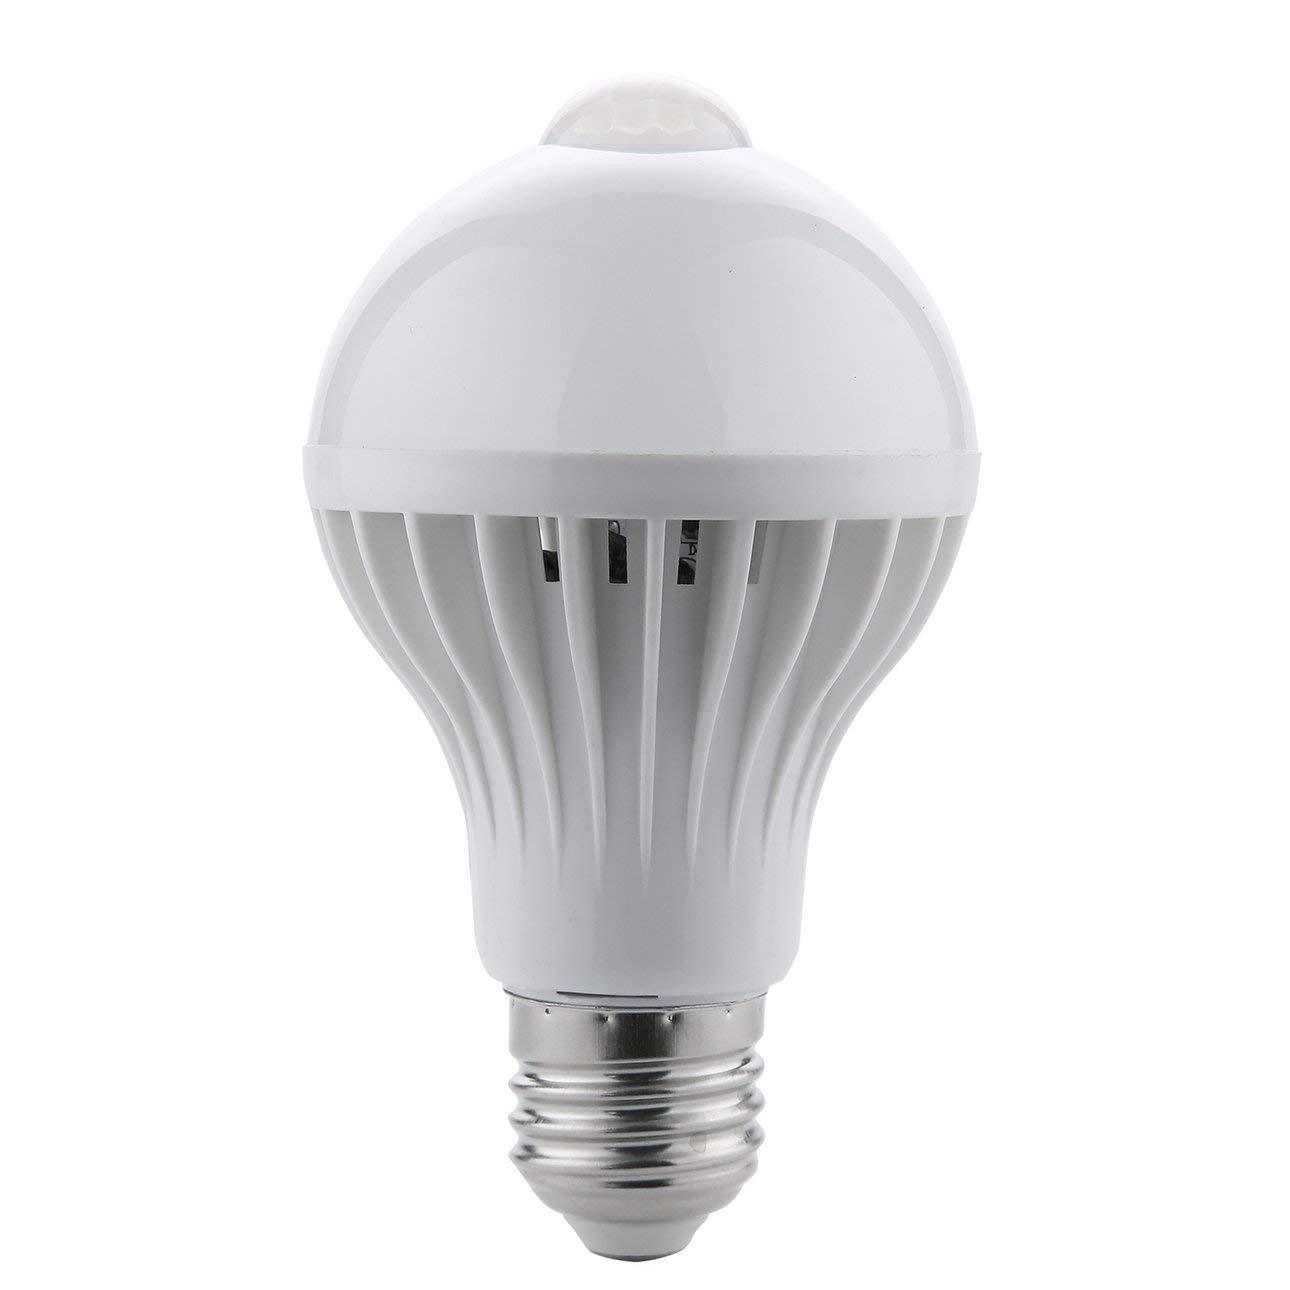 Liobaba LED PIR Infrared Motion Sensor Light,220V LED Bulb Auto Smart Intelligent PIR Infrared Body Motion Sensor Light E27 Socket